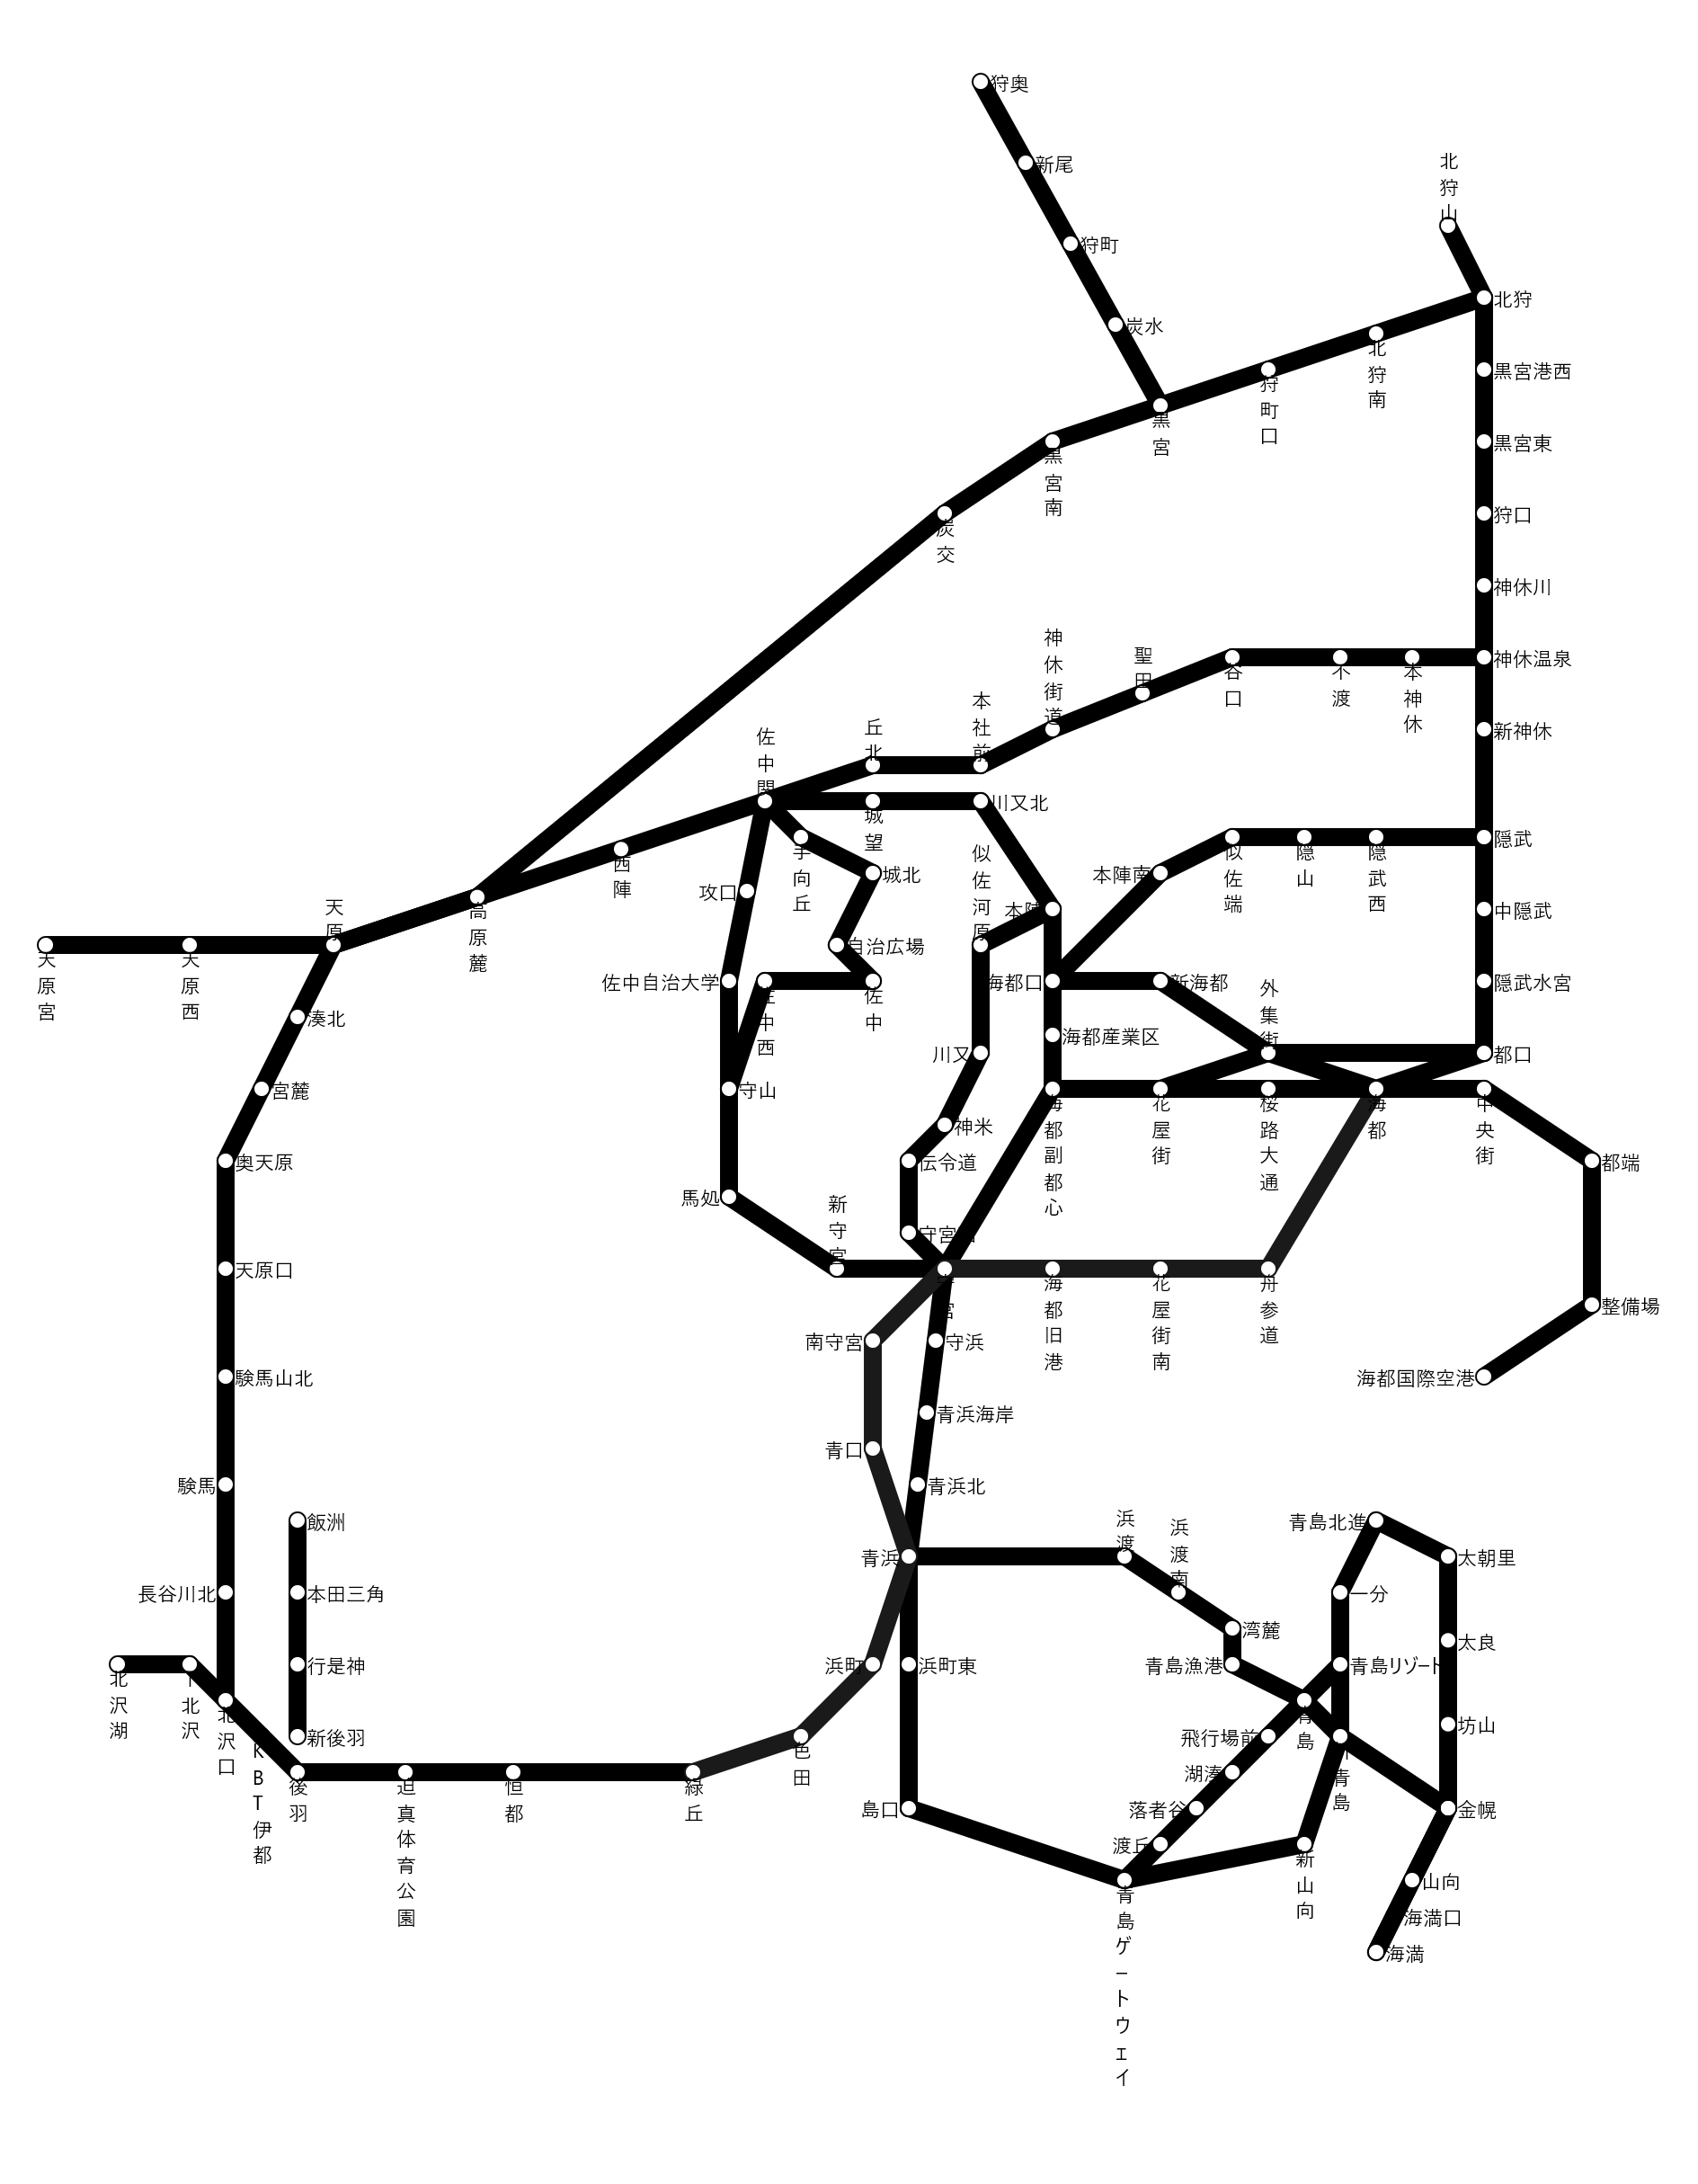 路線図ベース_2.png